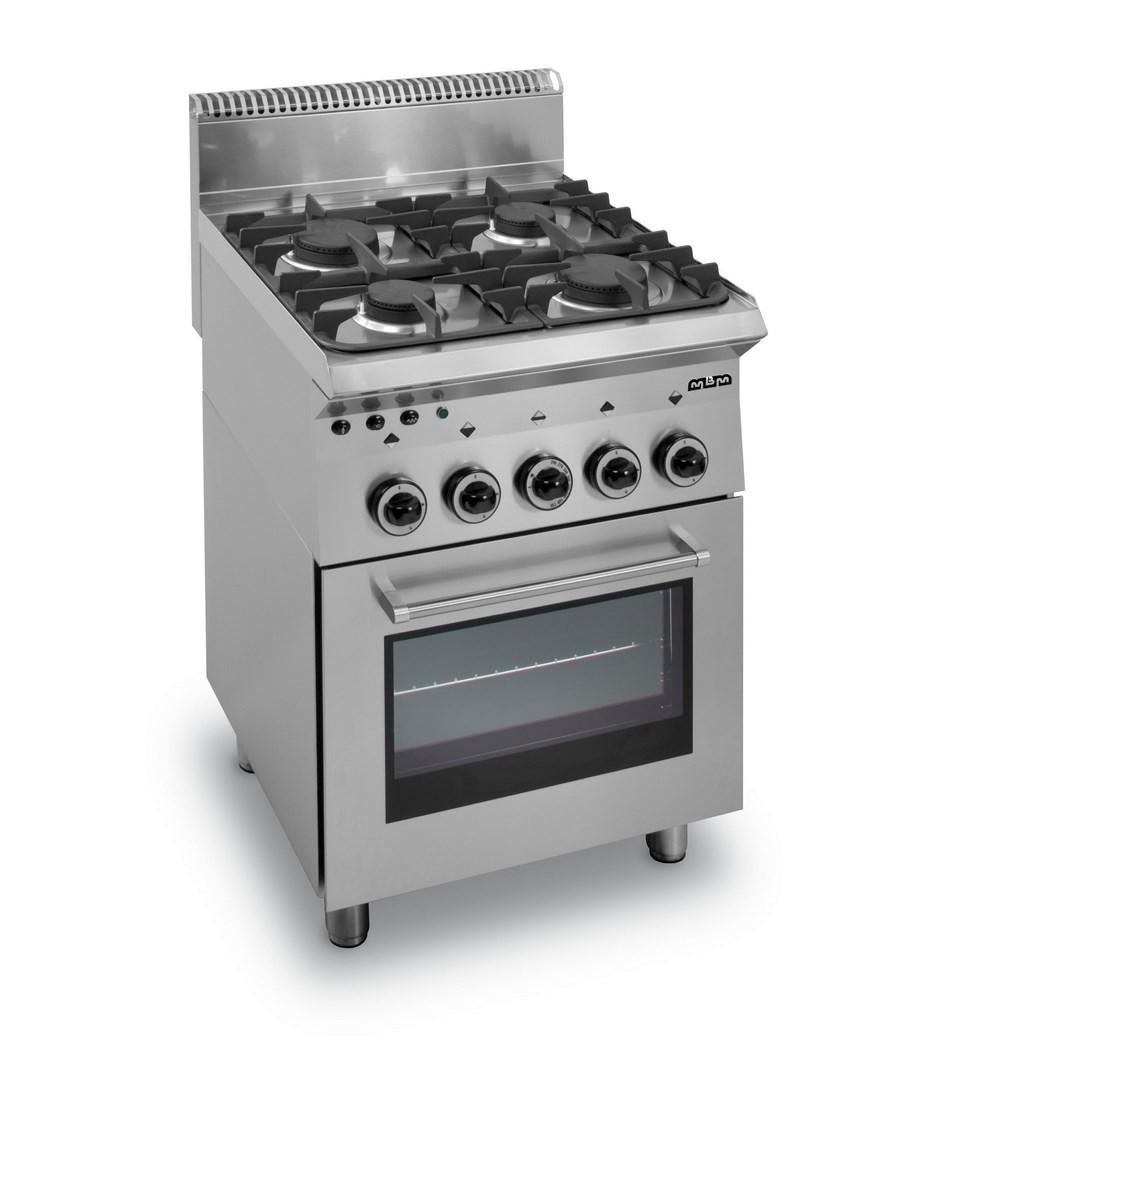 haute couture b629b 4a8d3 Feux vifs cuisiniere 4 feux sur four a gaz avec grill electrique